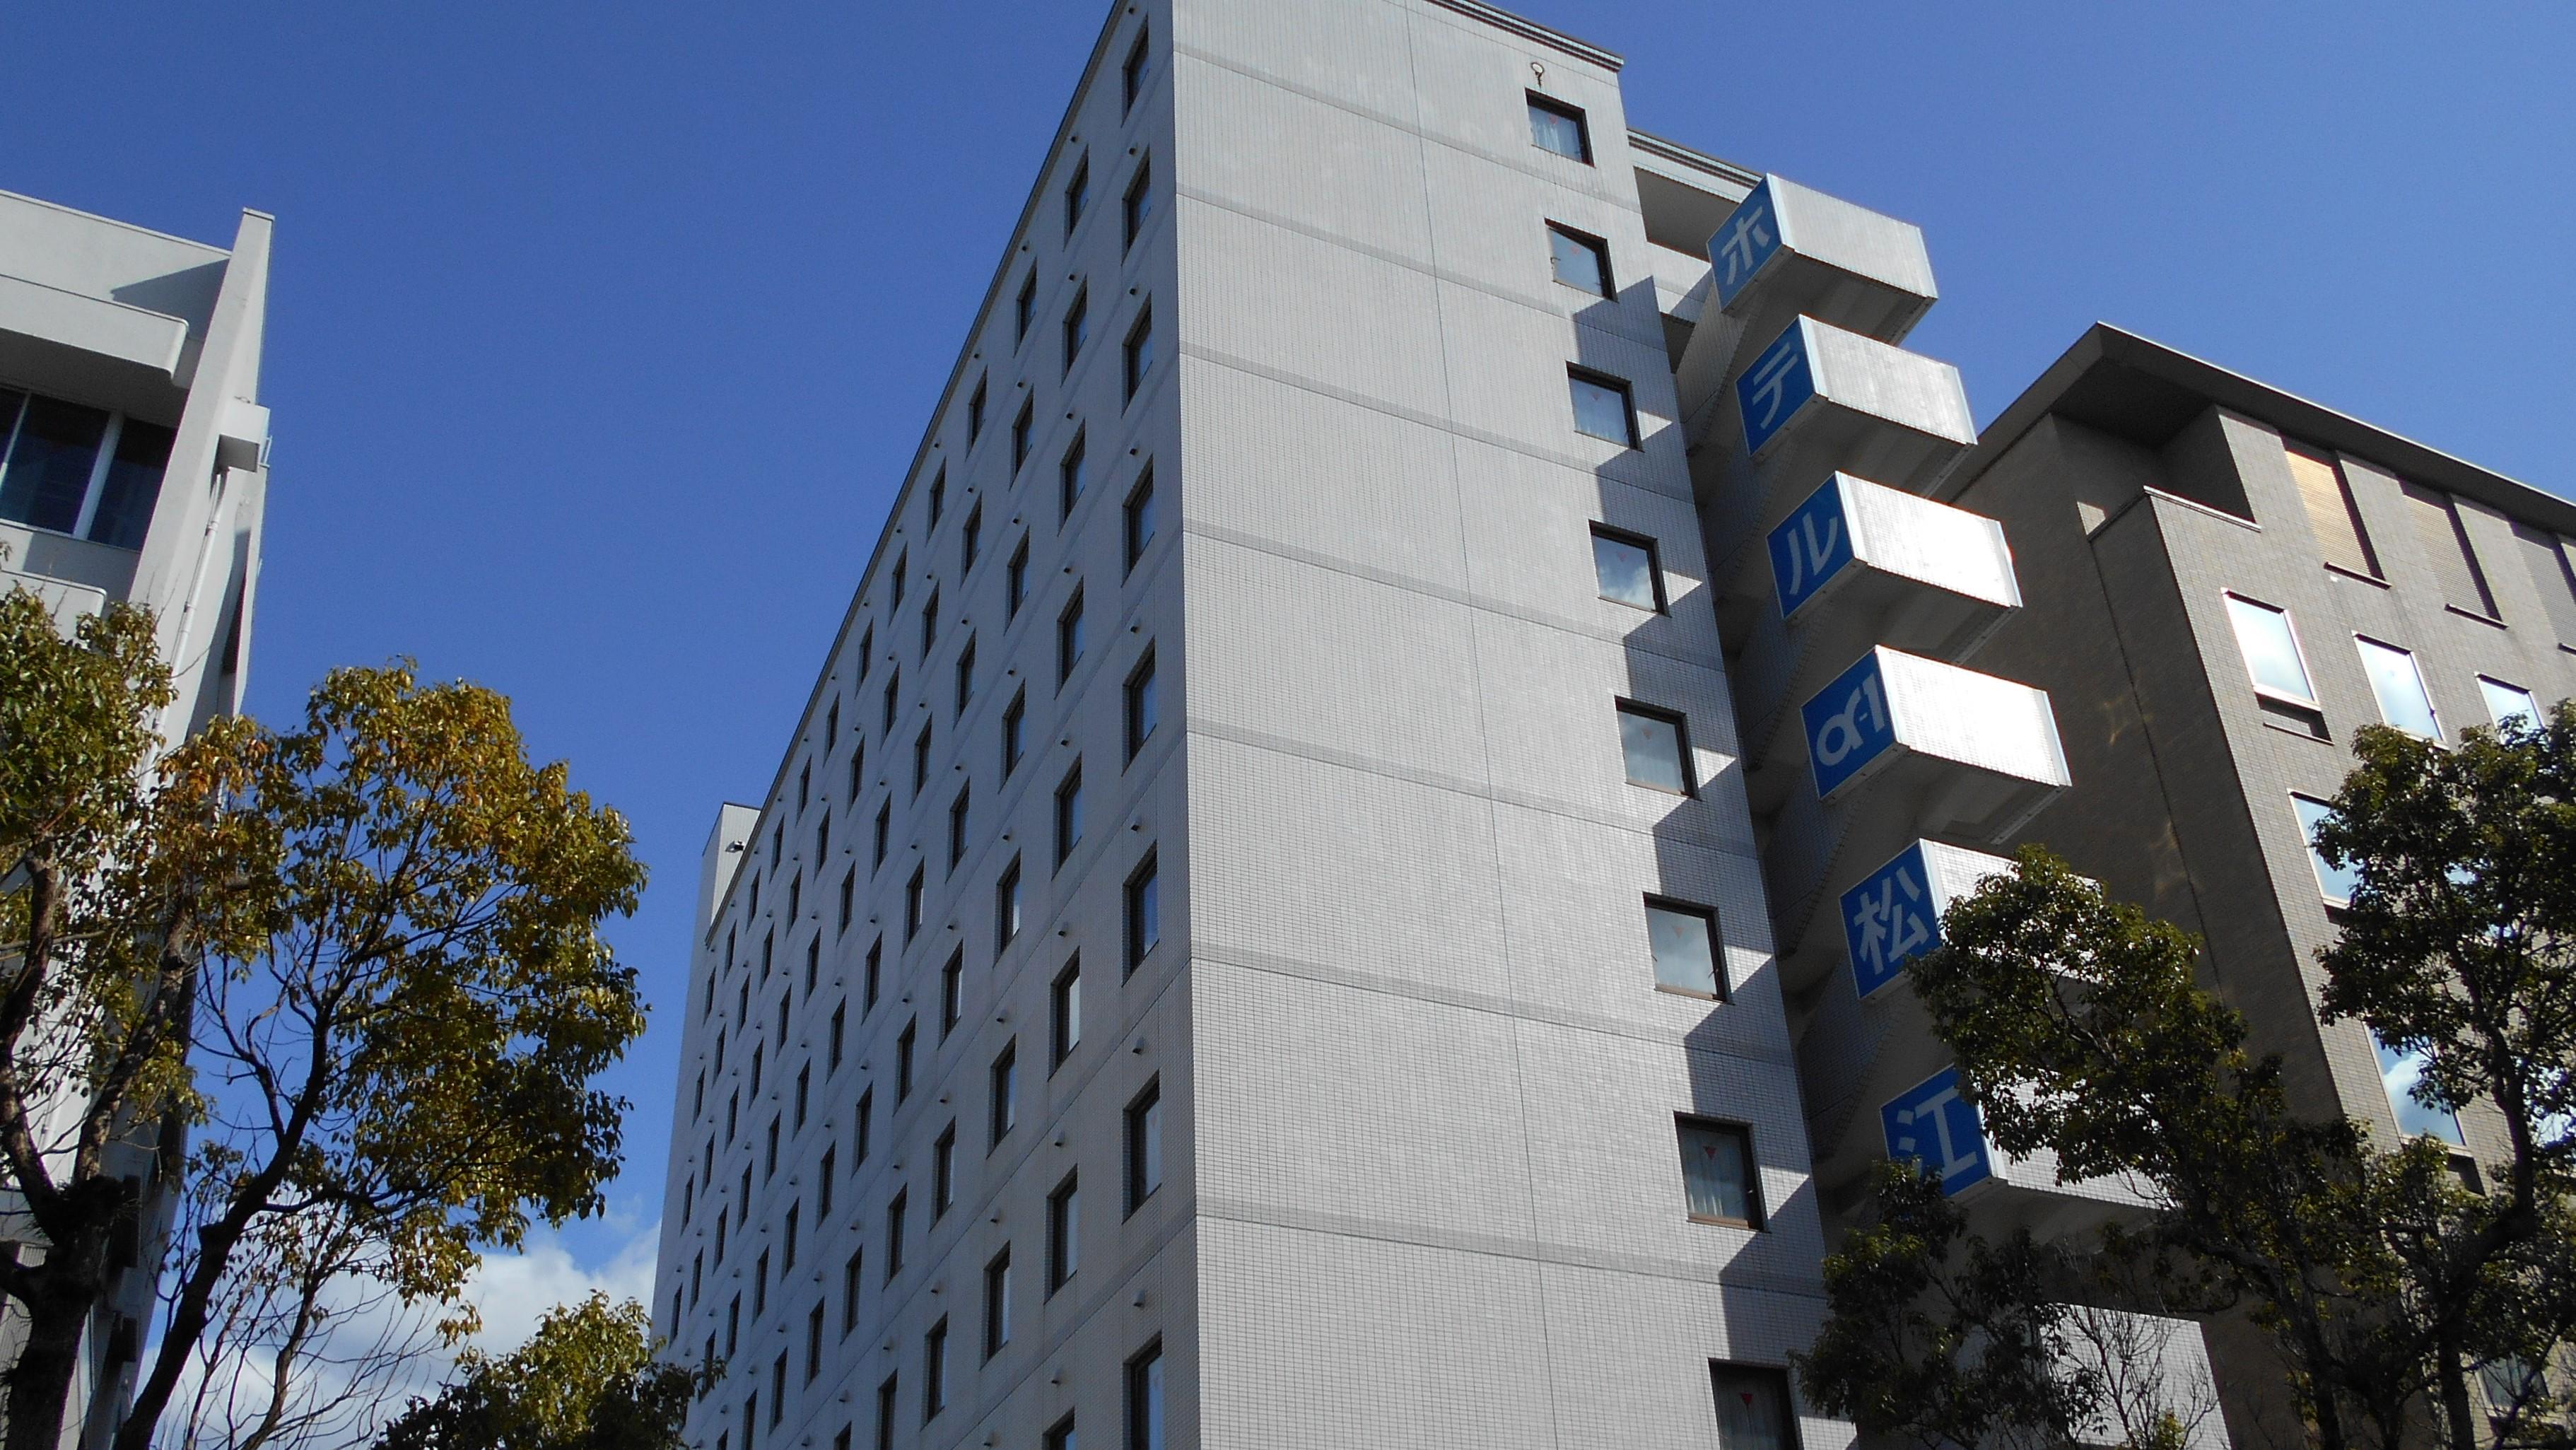 ホテルアルファーワン松江 image